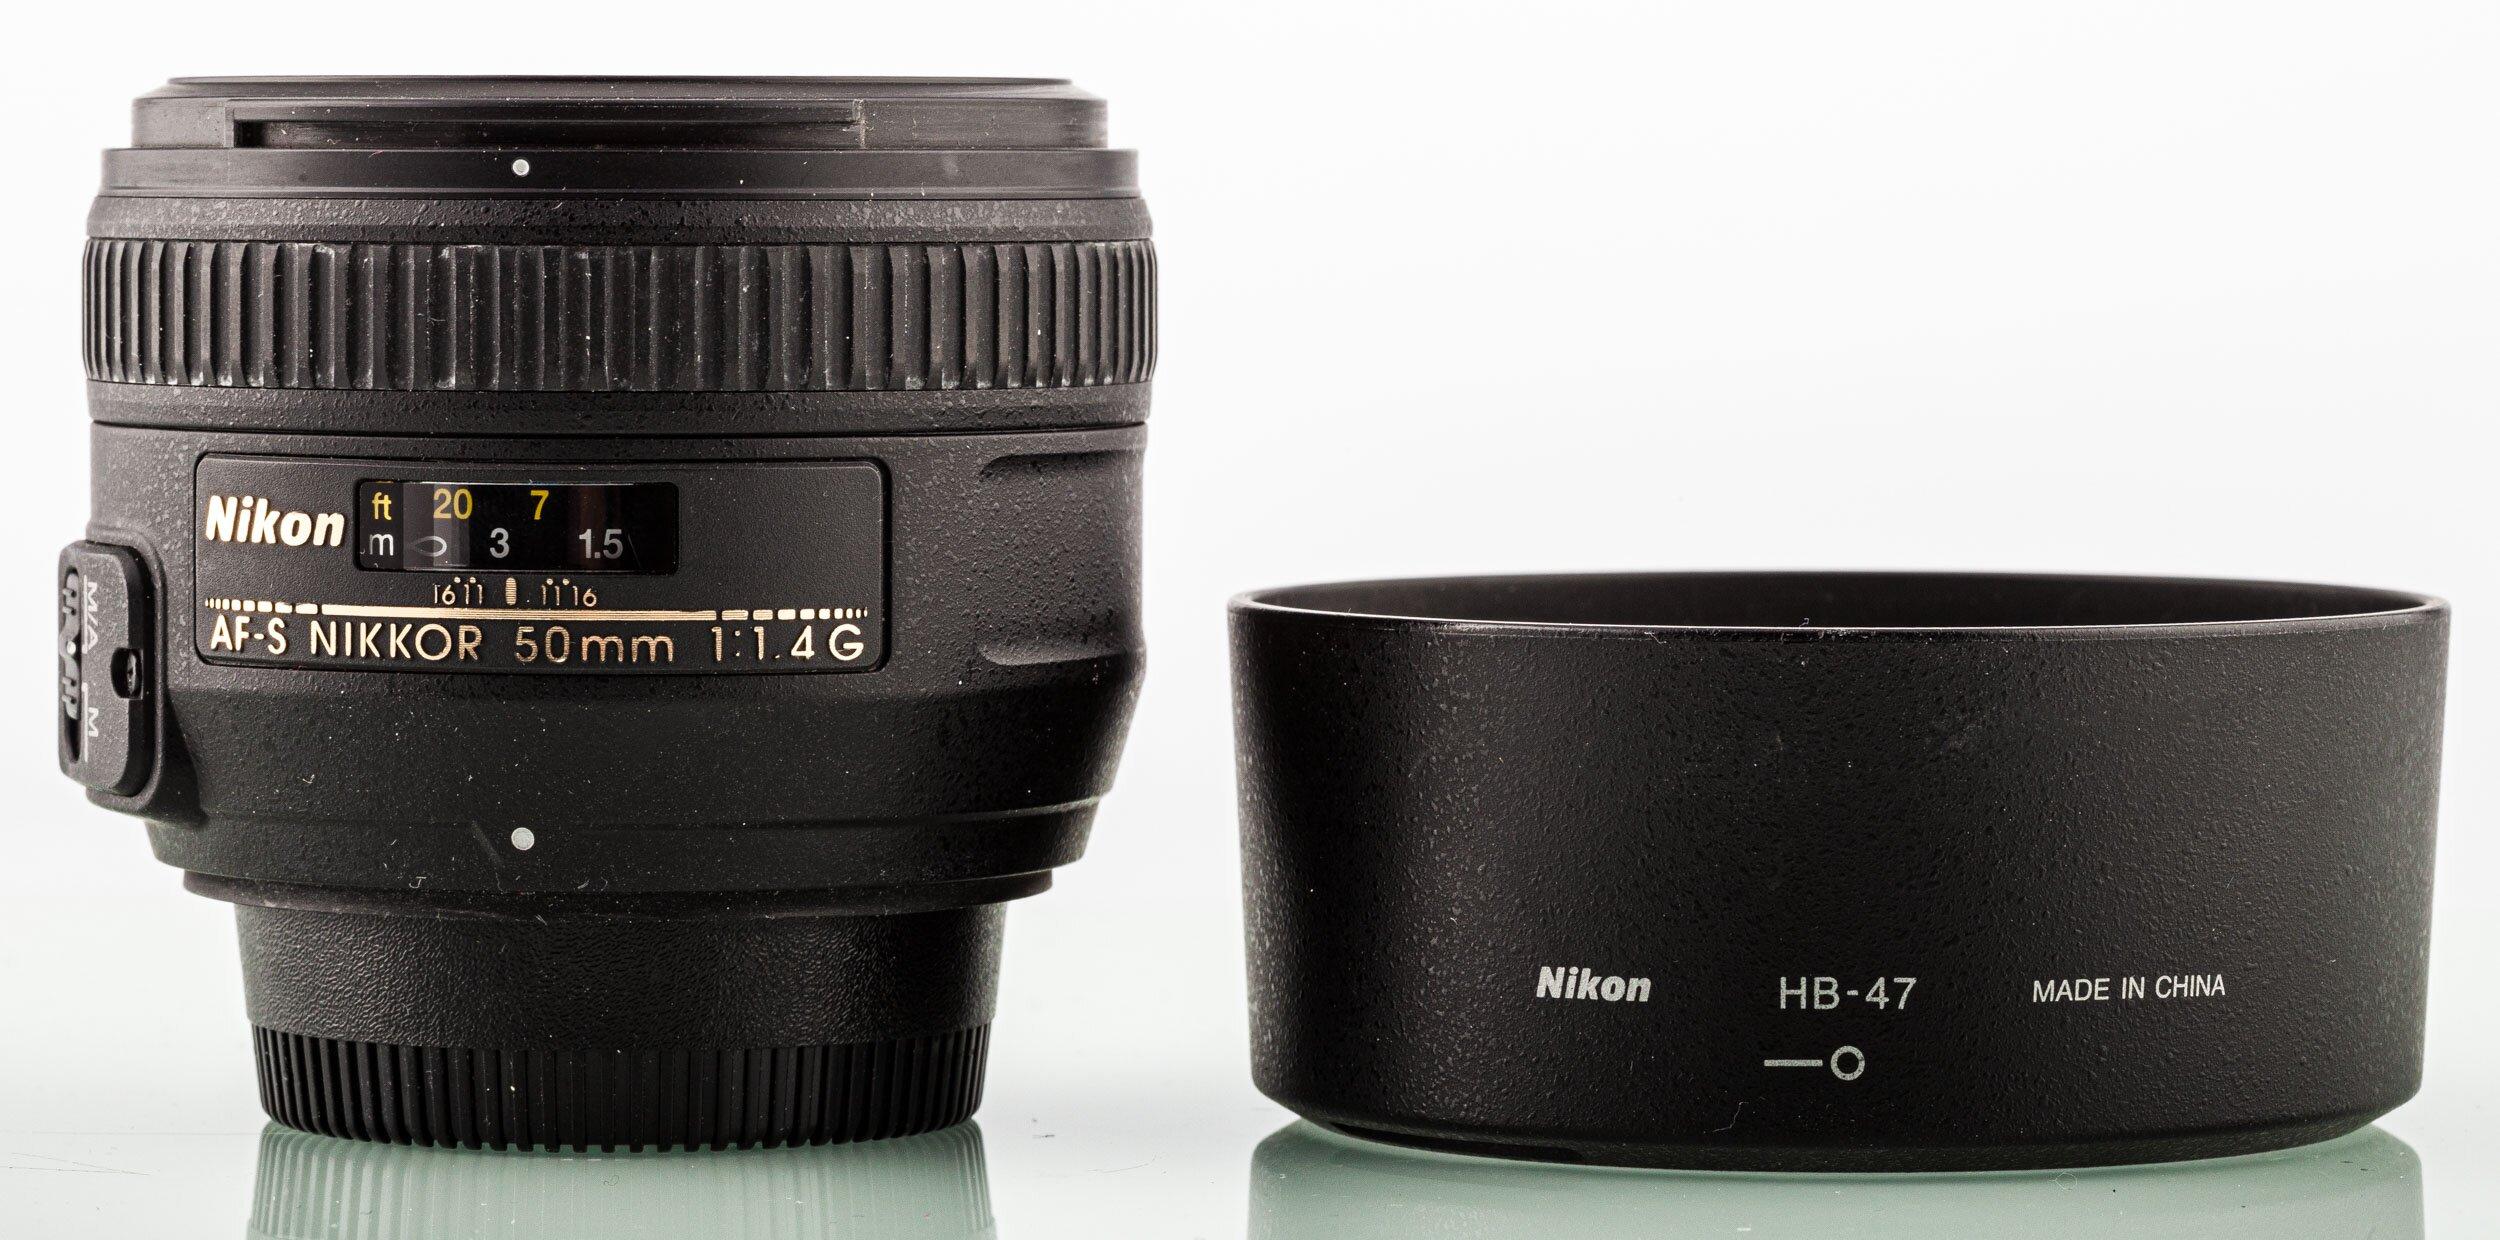 Nikon AF-S Nikkor 50mm 1,4 G